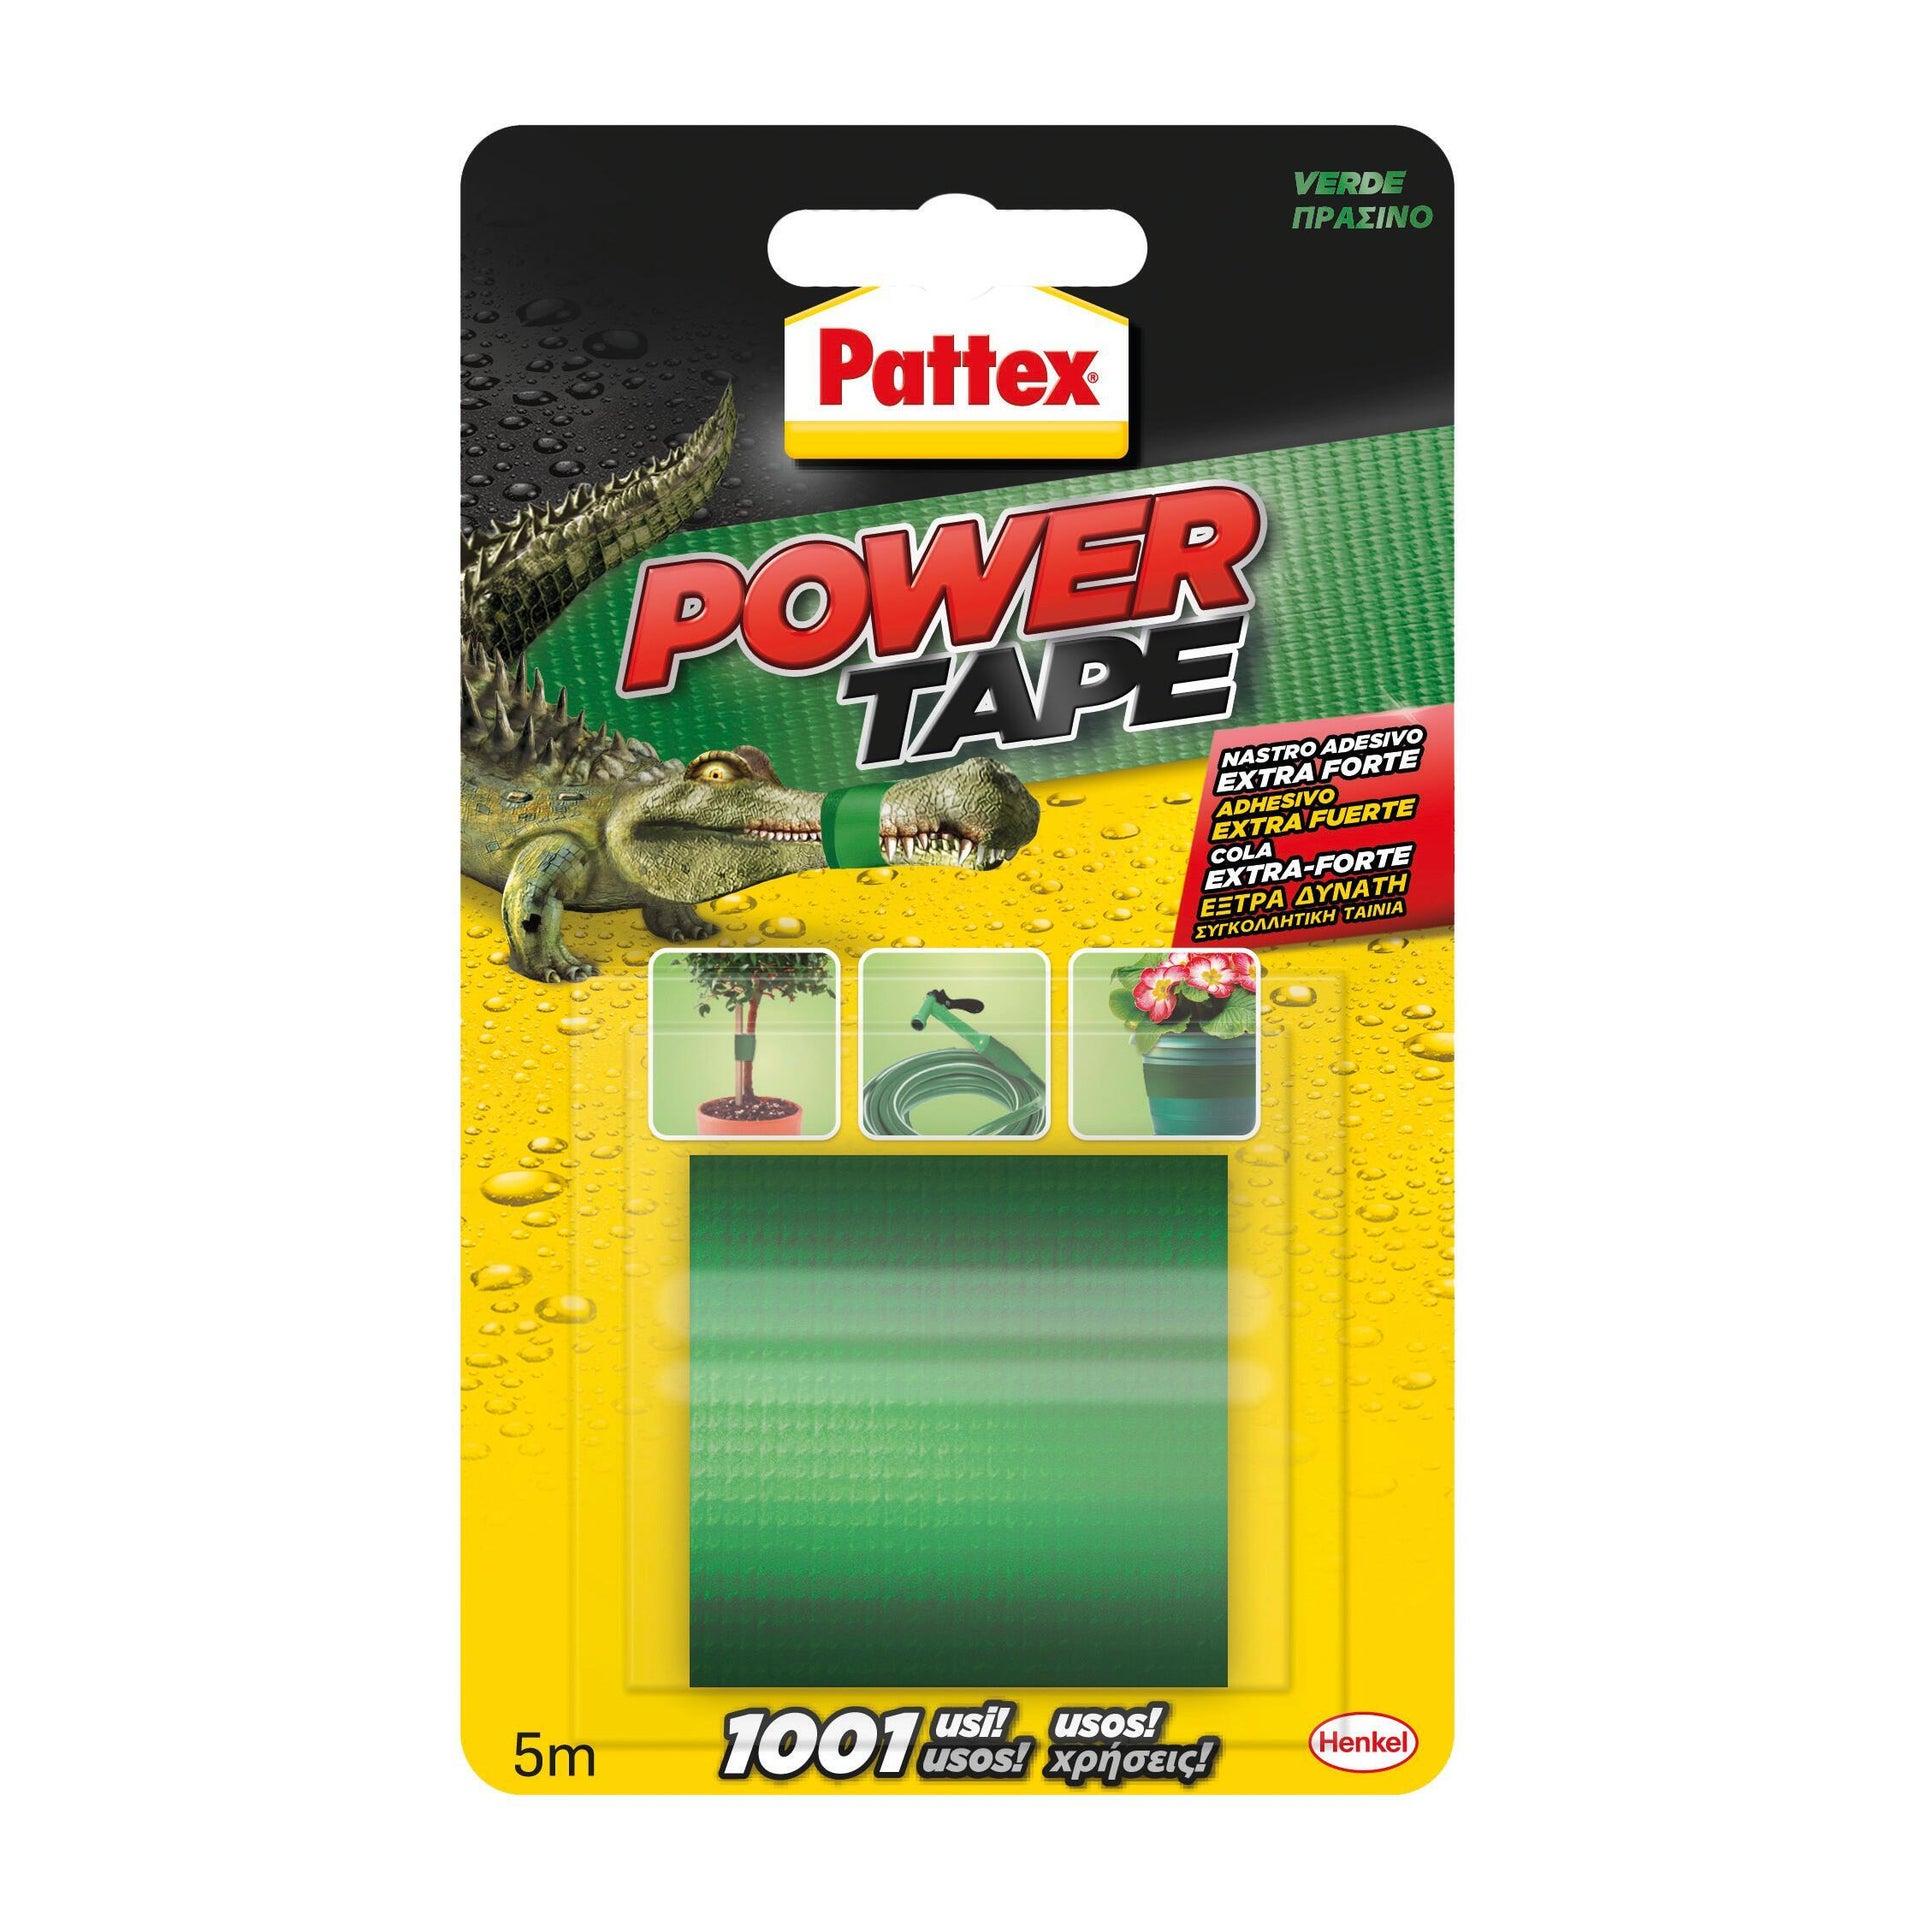 Nastro adesivo 12 Pezzi 50 mm x 5 m verde